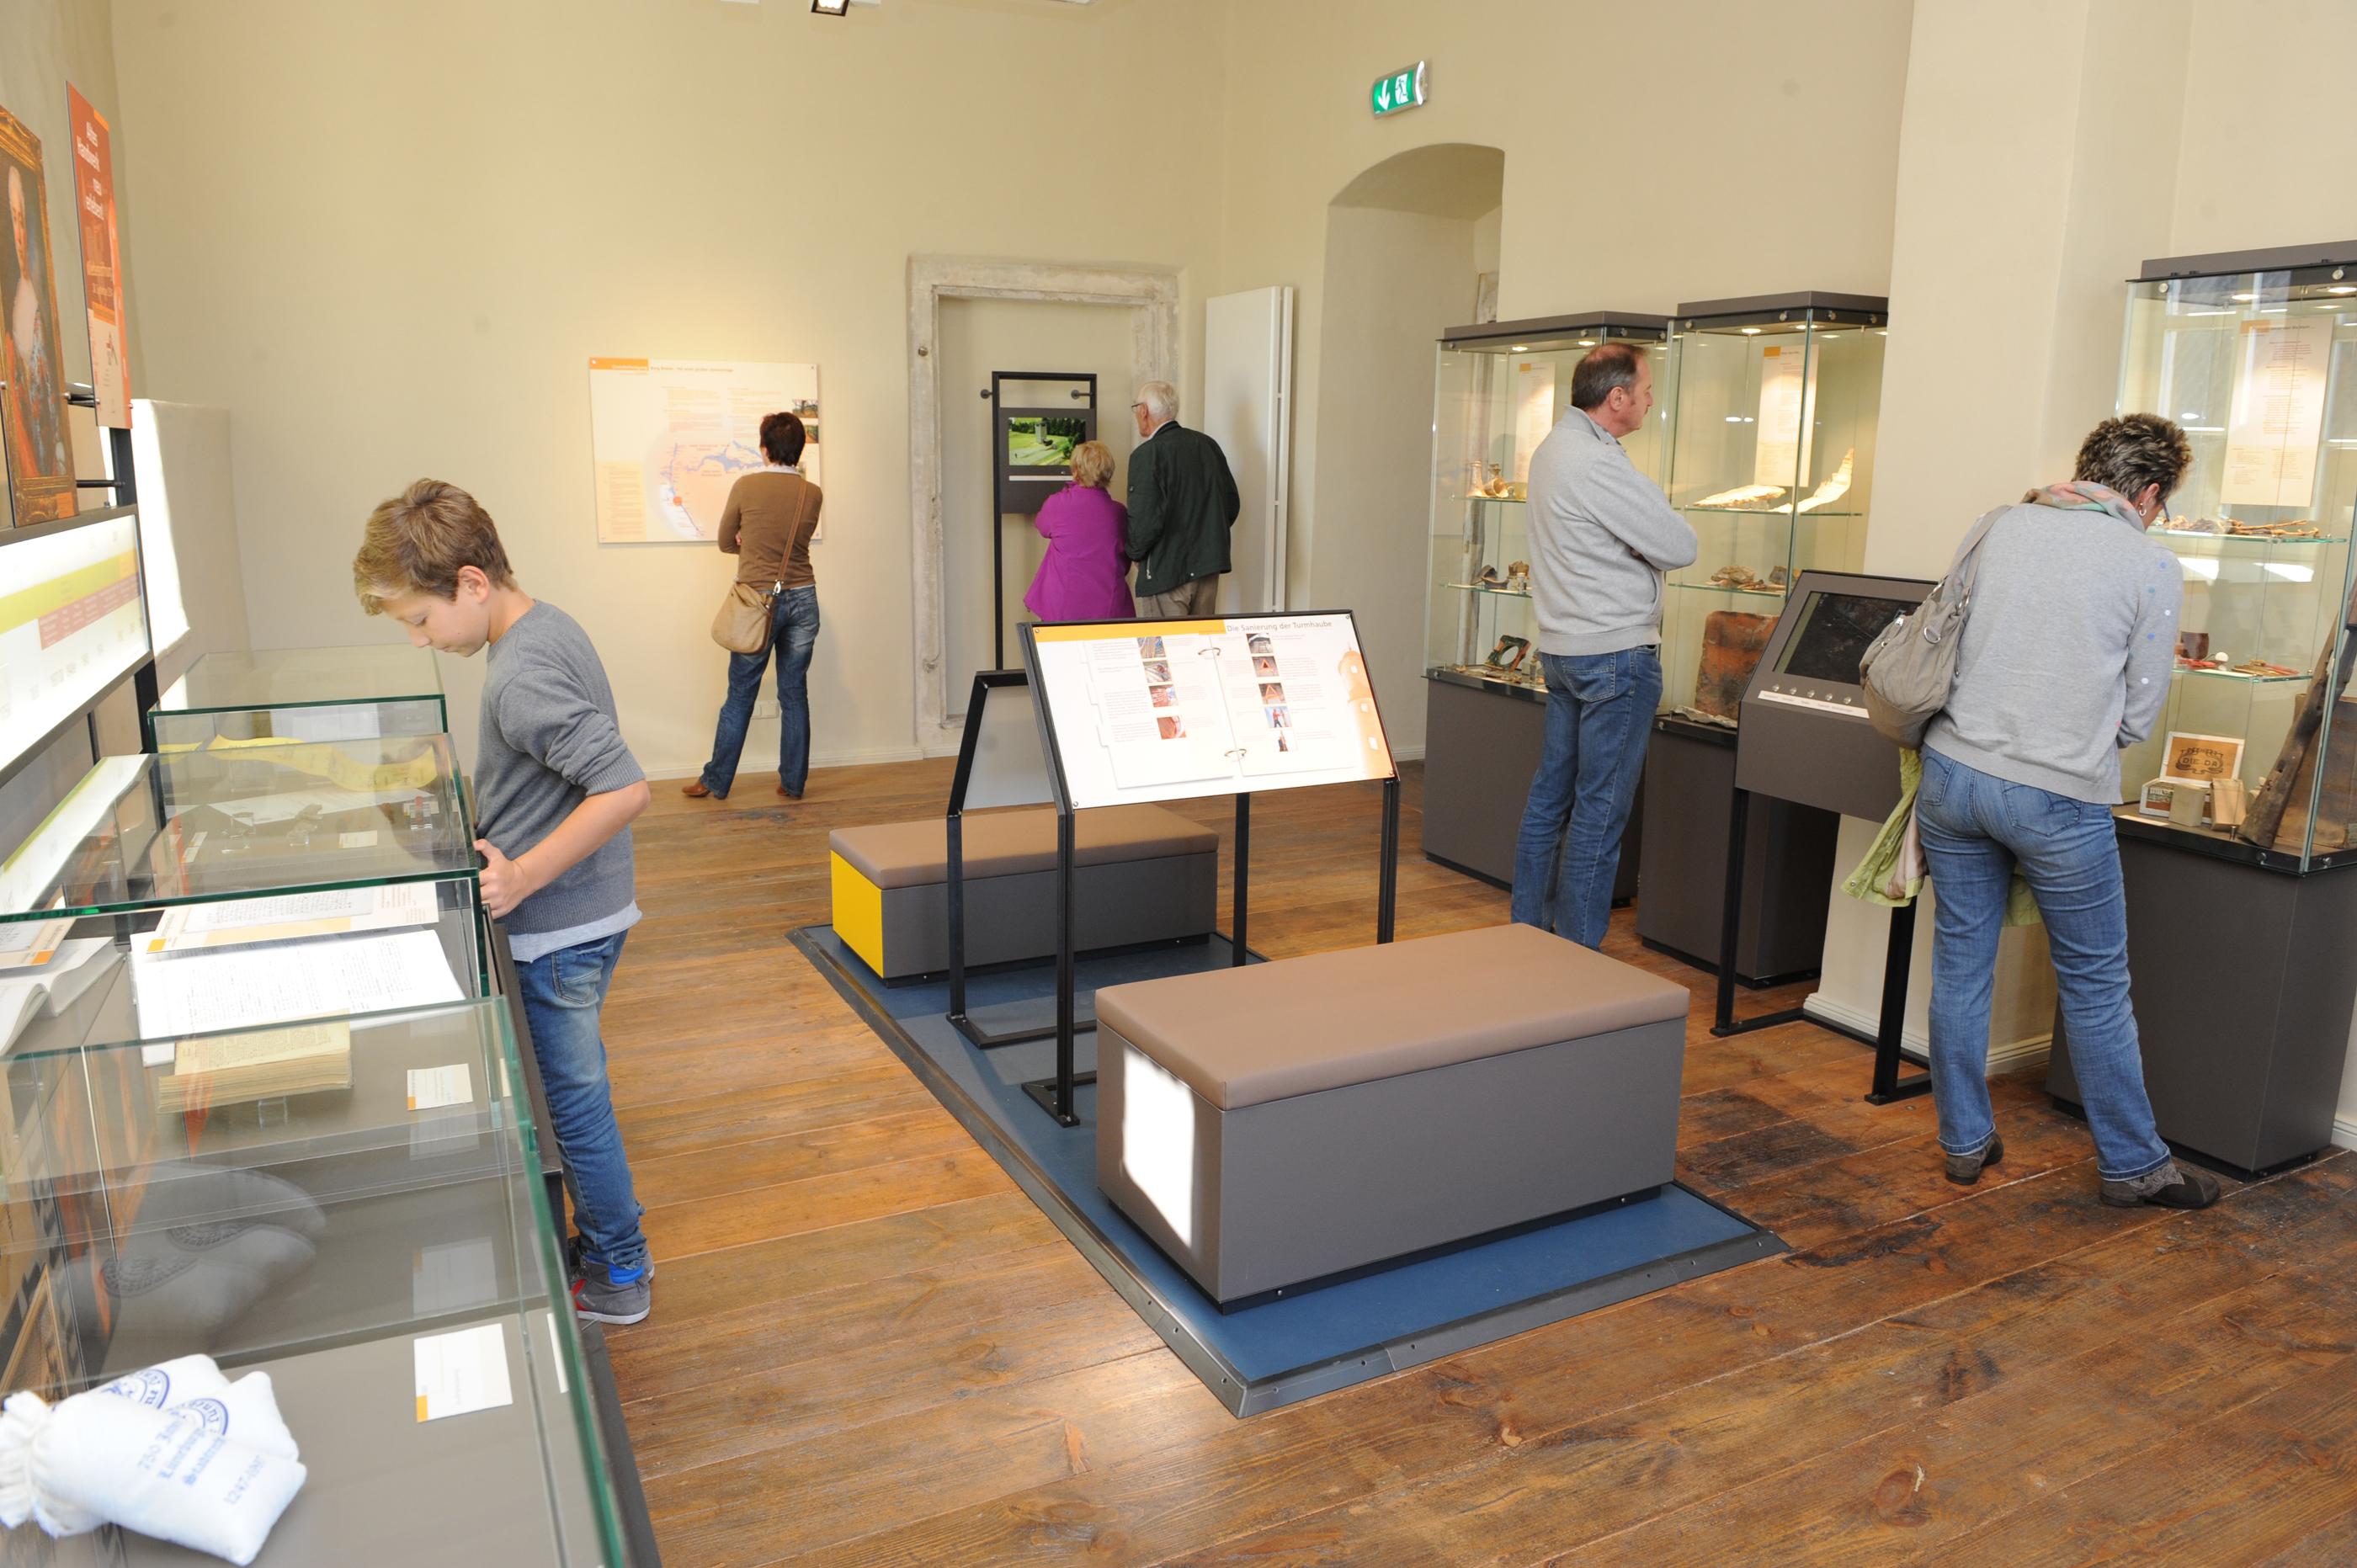 Ausstellungsraum im Museum Burg Brome